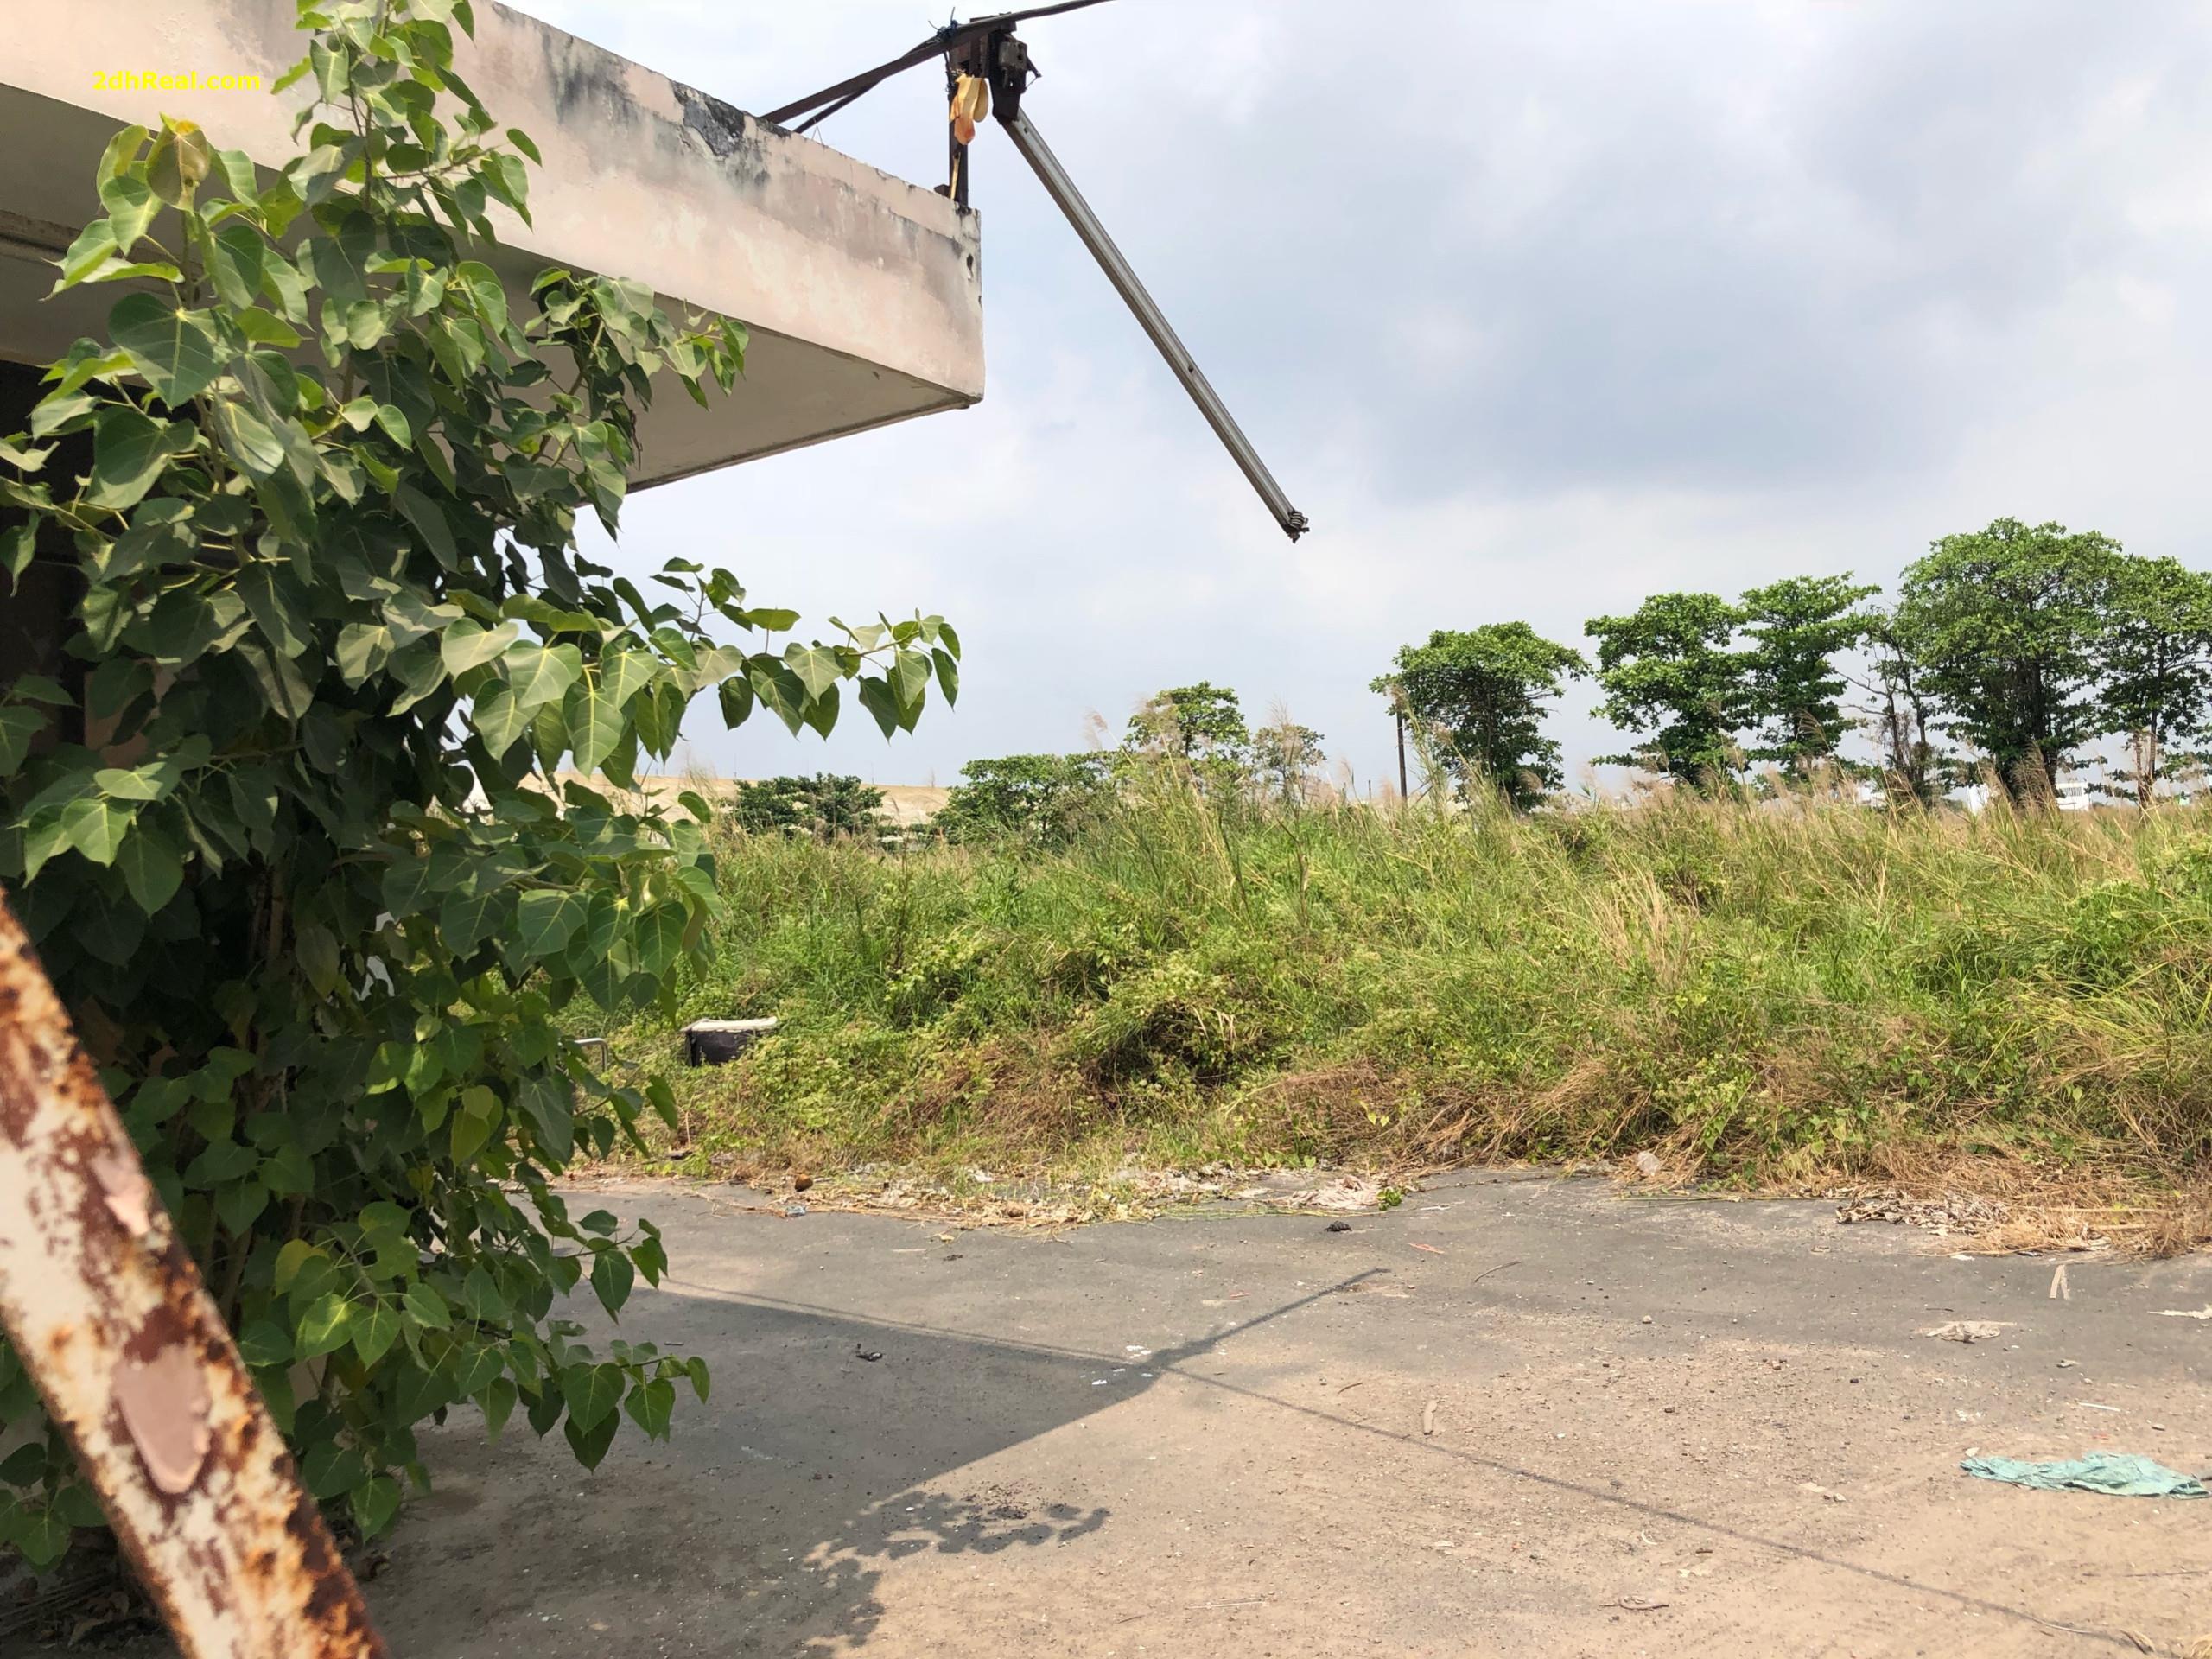 Bán khu đất 51,421m2 quốc lộ 13 phường Hiệp Bình Phước, quận Thủ Đức